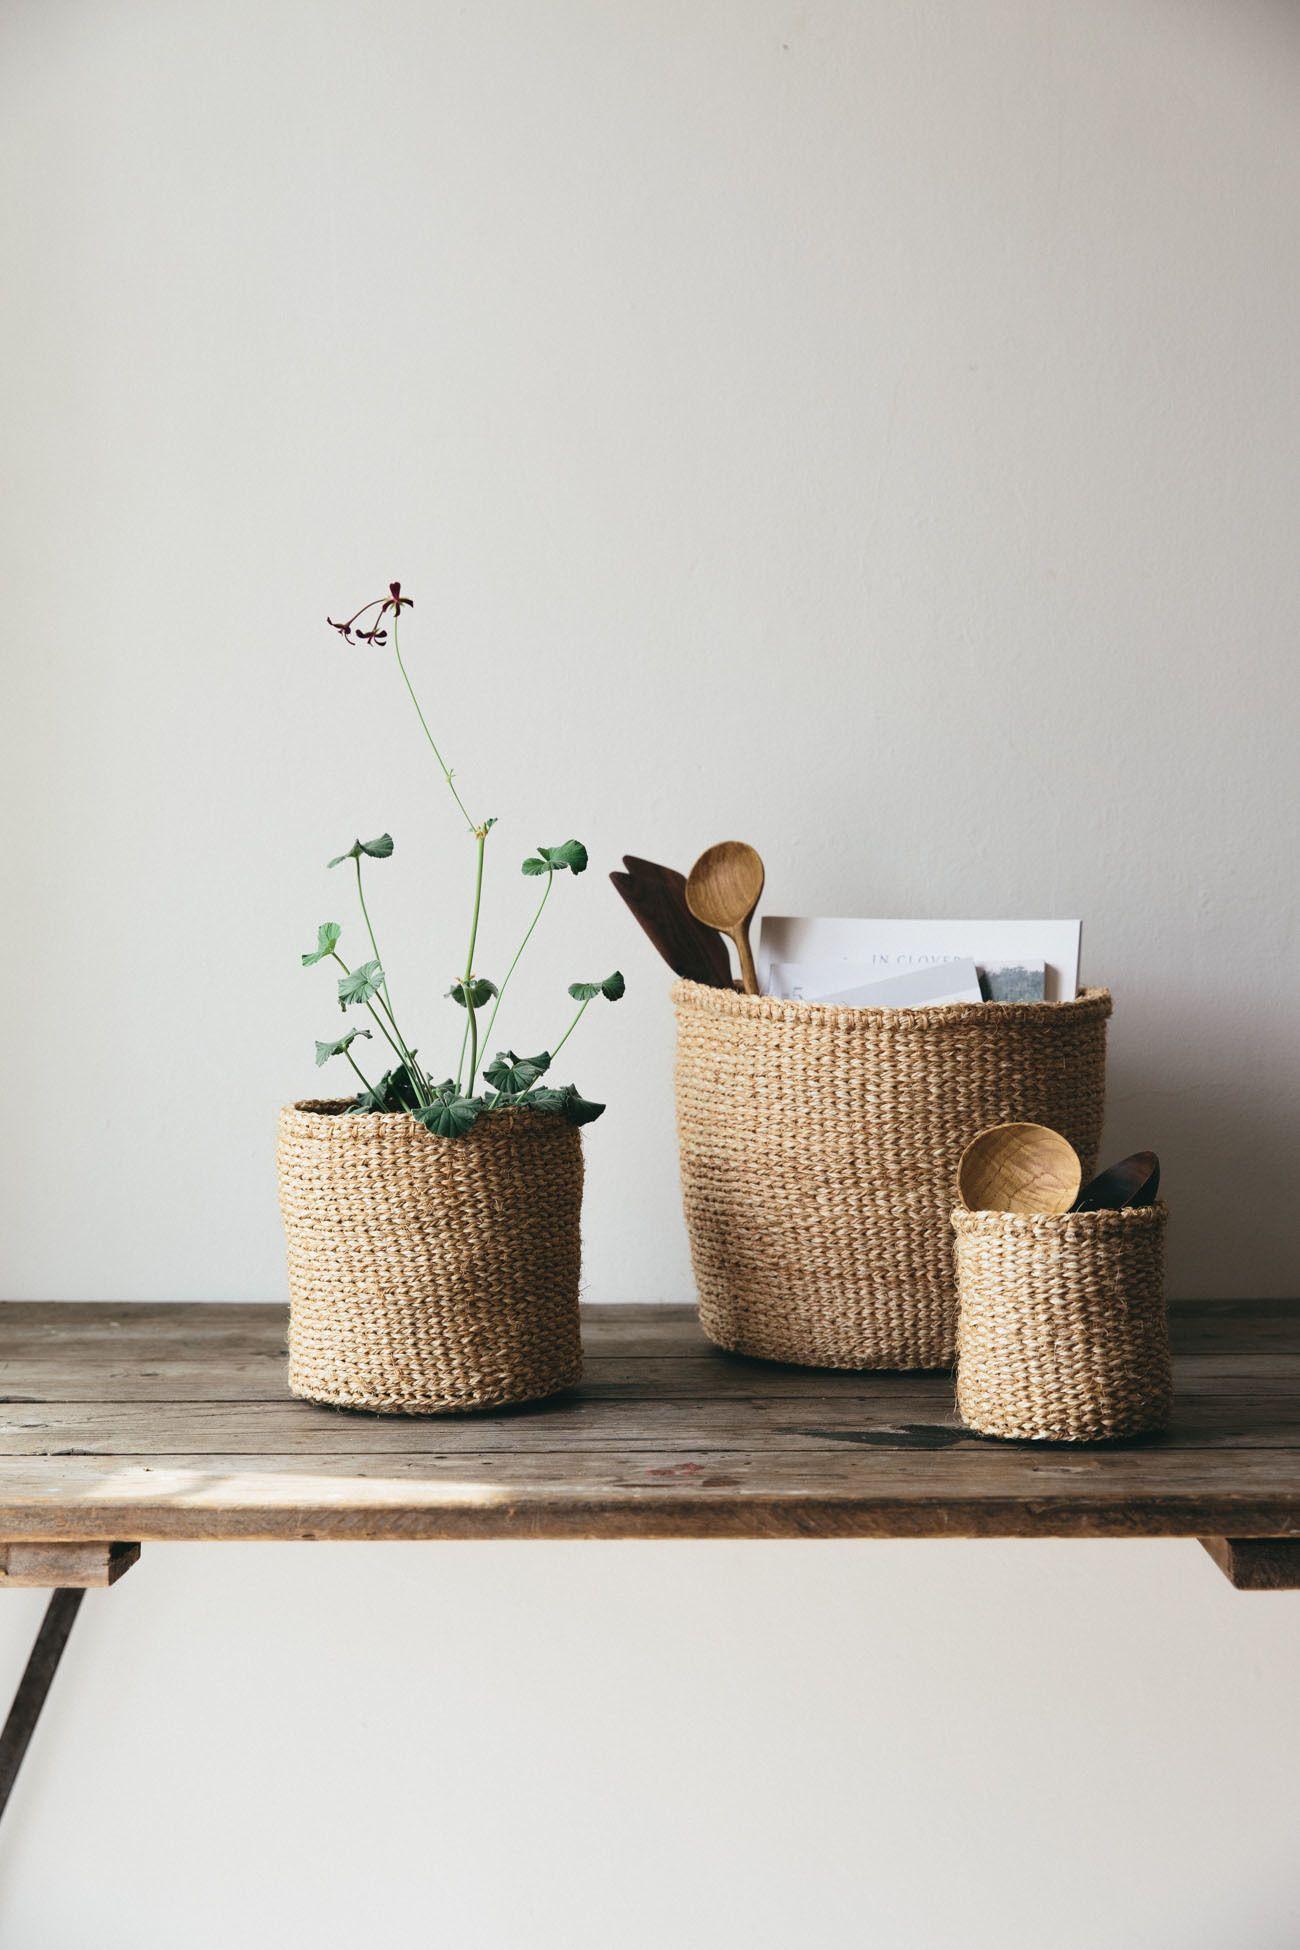 A Woven Dress Featuring An Allover: Natural Woven Basket